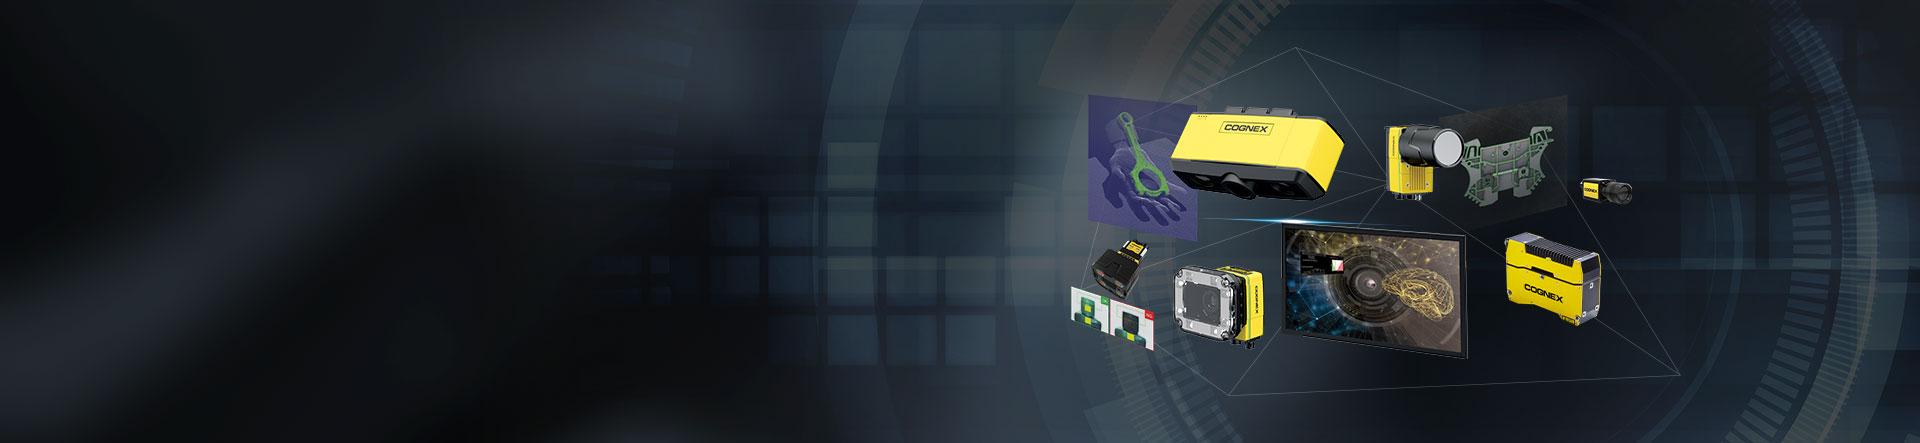 Machine Vision Gateway banner of Cognex products on dark background